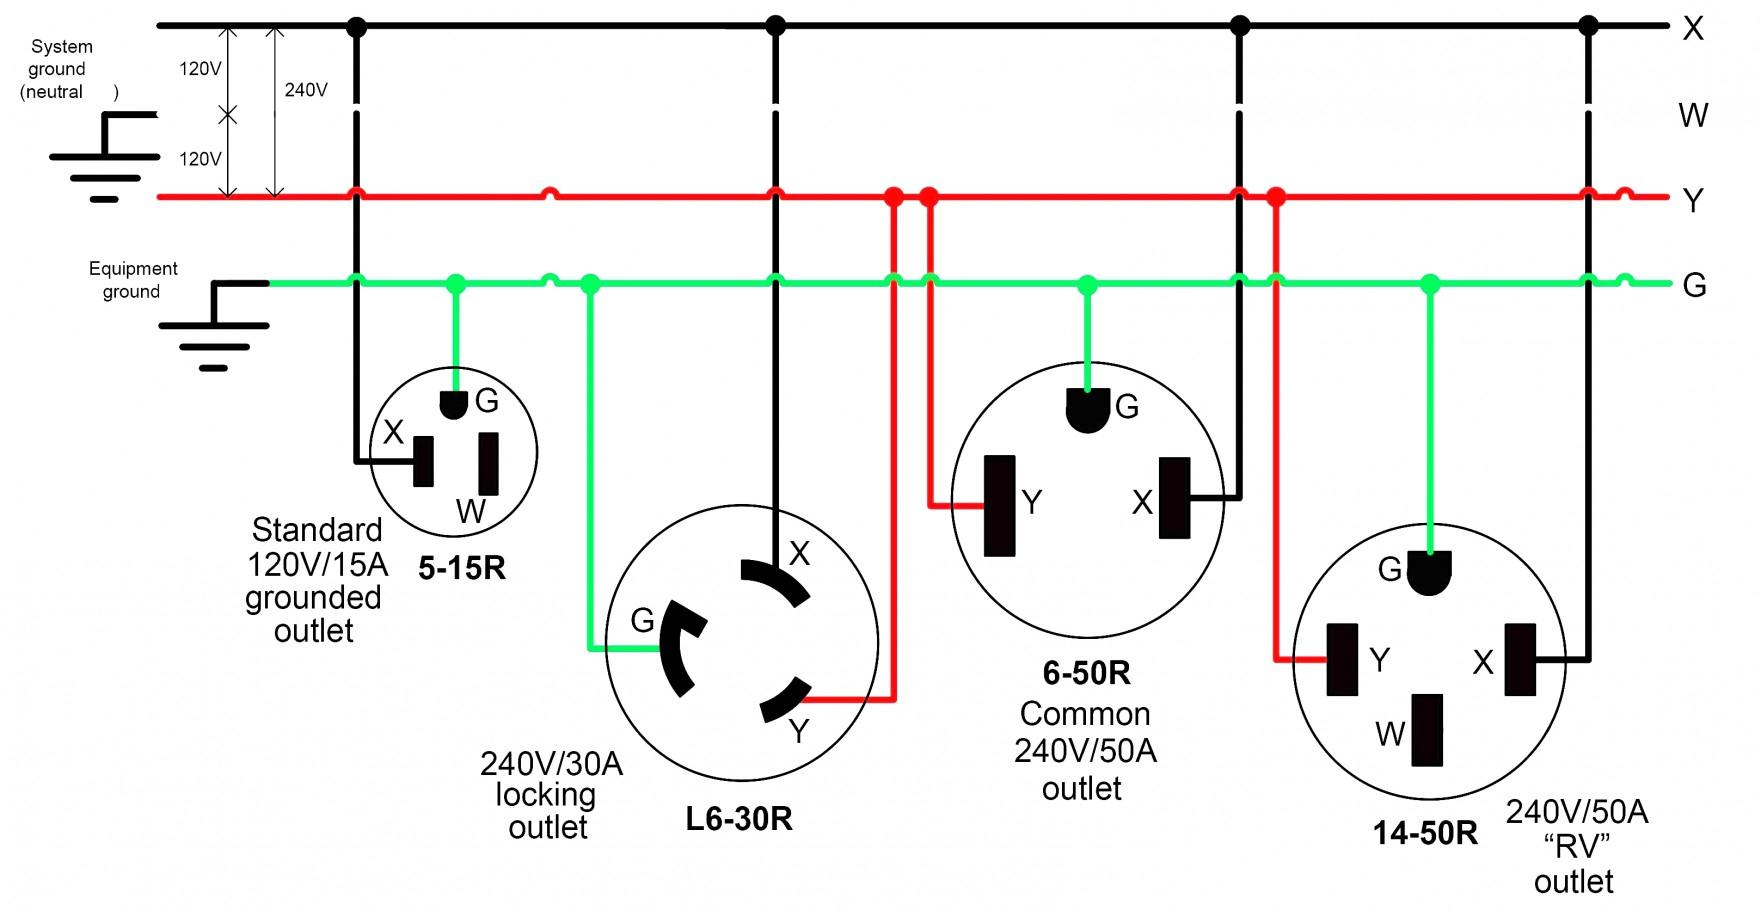 Elegant Of 277 Volt Wiring Diagram Simple - Wiringdiagramsdraw - 277 Volt Wiring Diagram